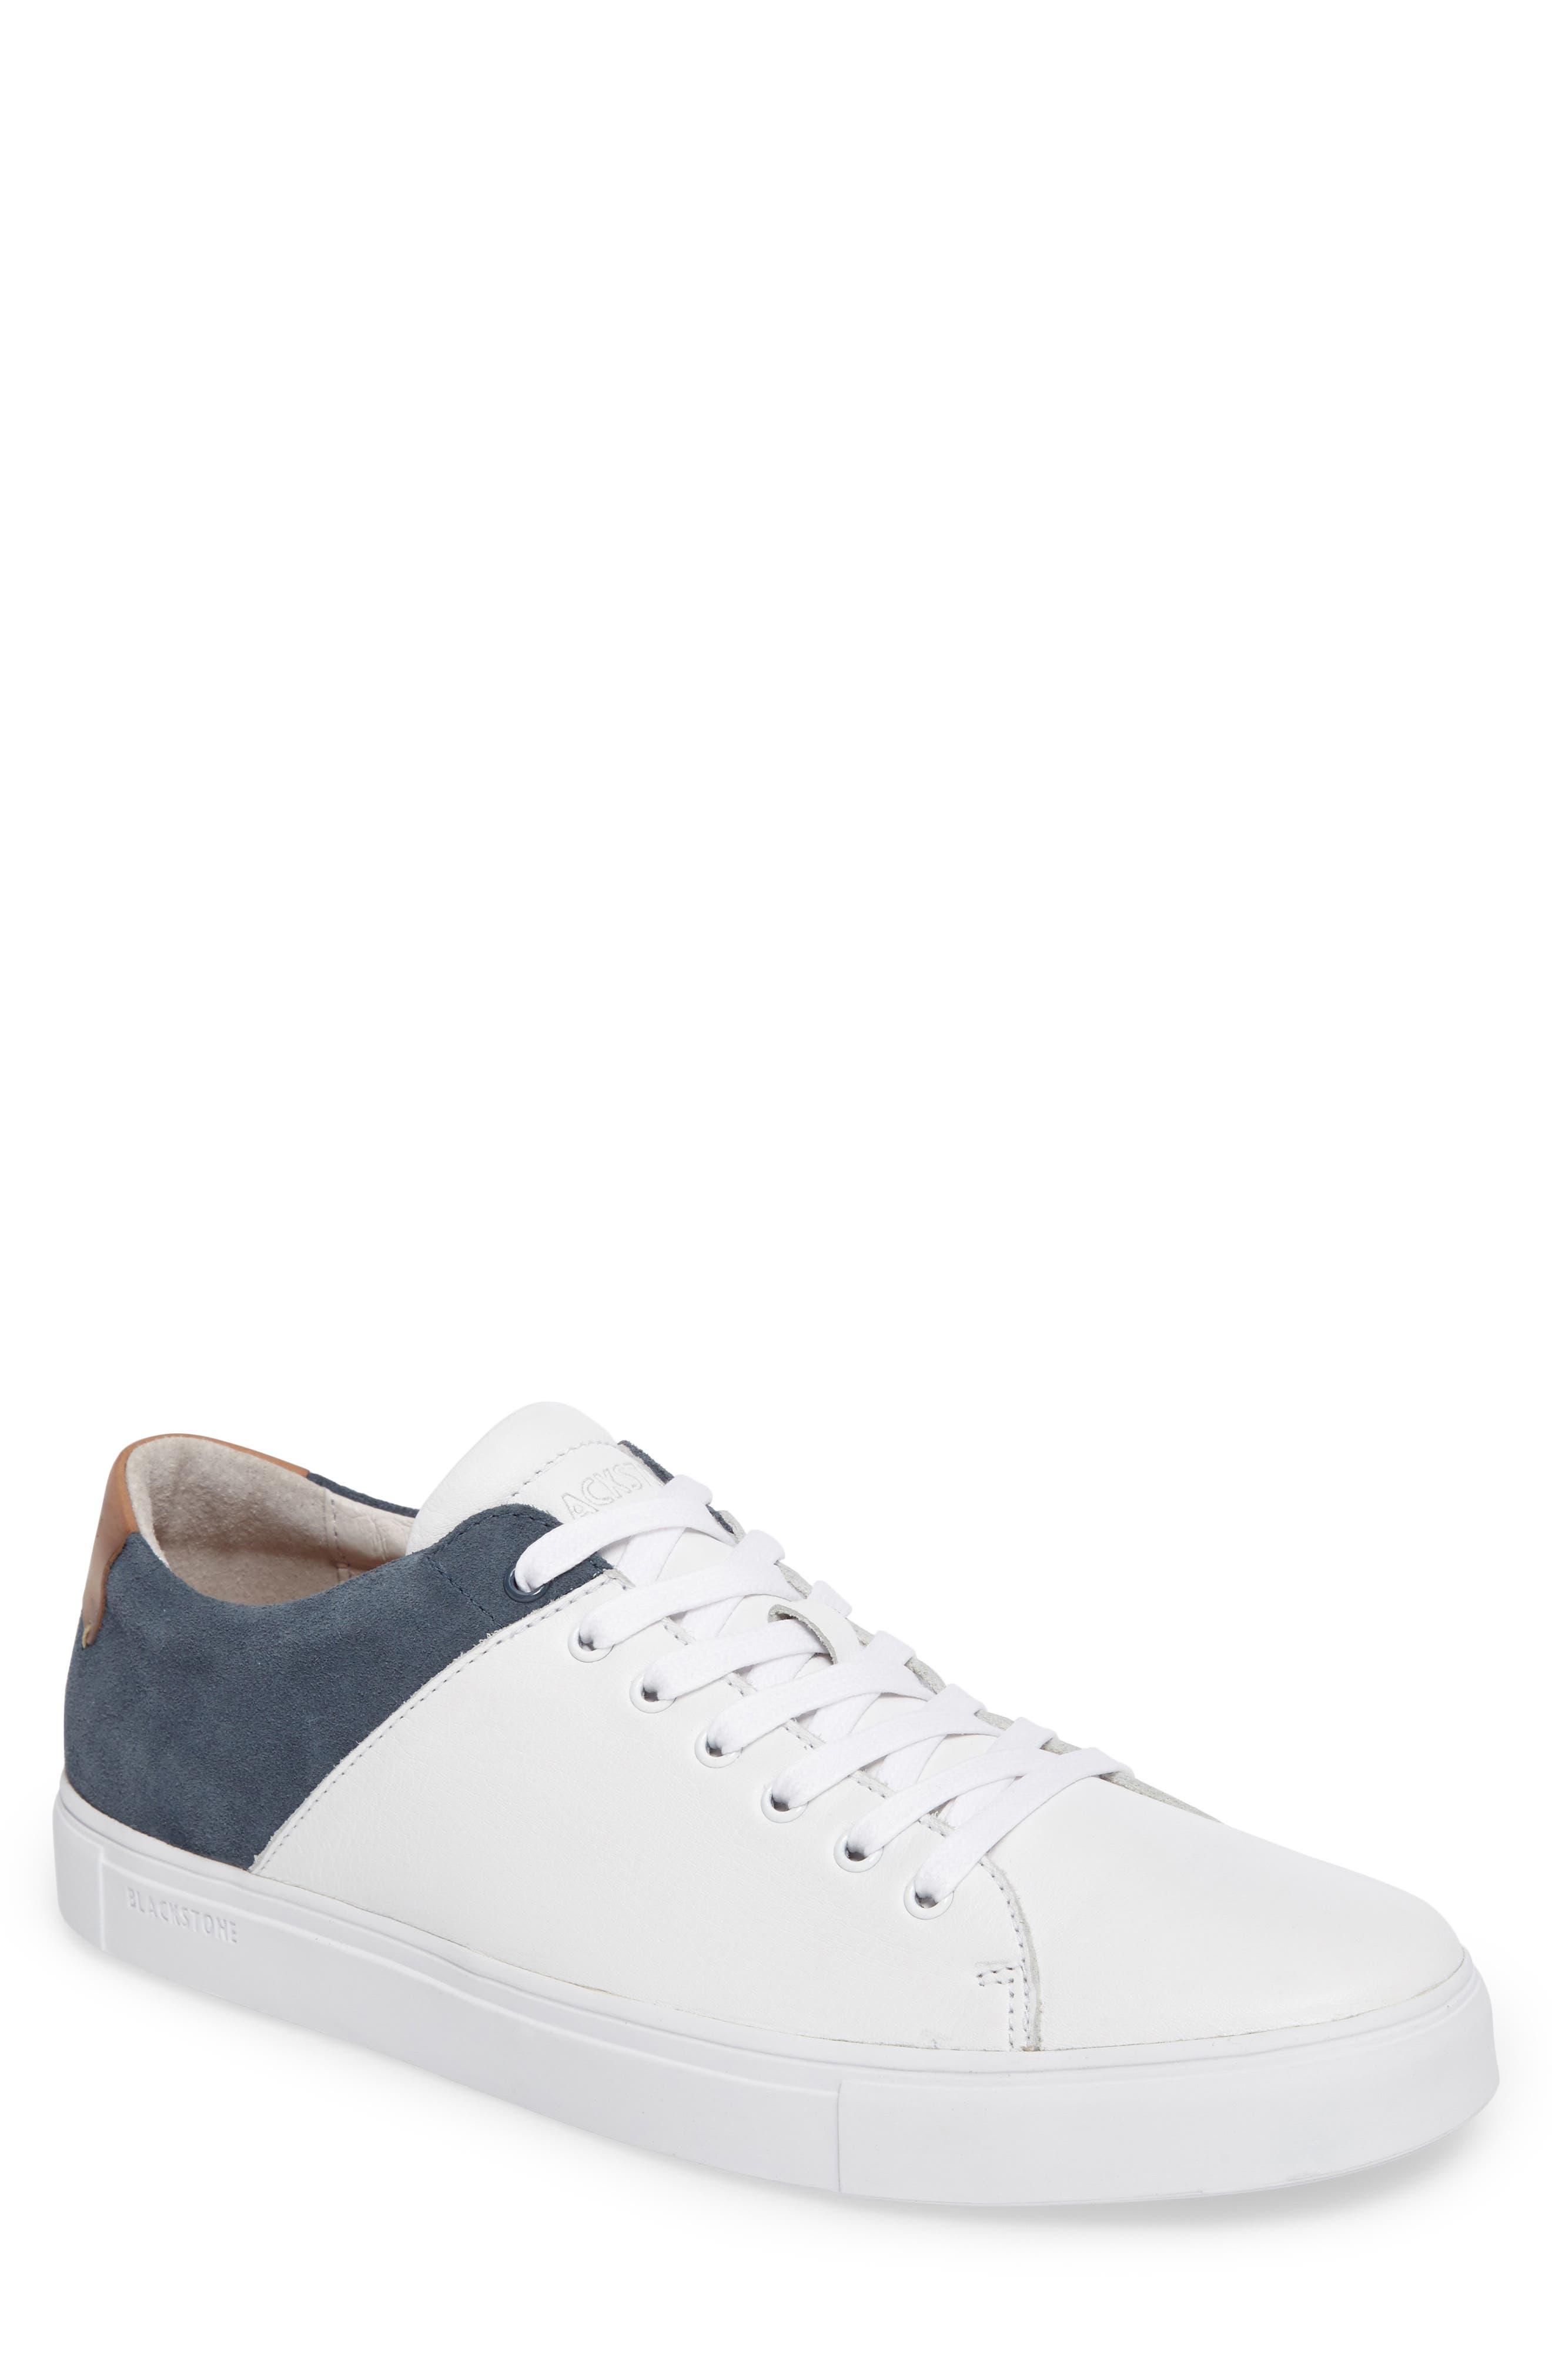 Alternate Image 1 Selected - Blackstone NM03 Two-Tone Sneaker (Men)